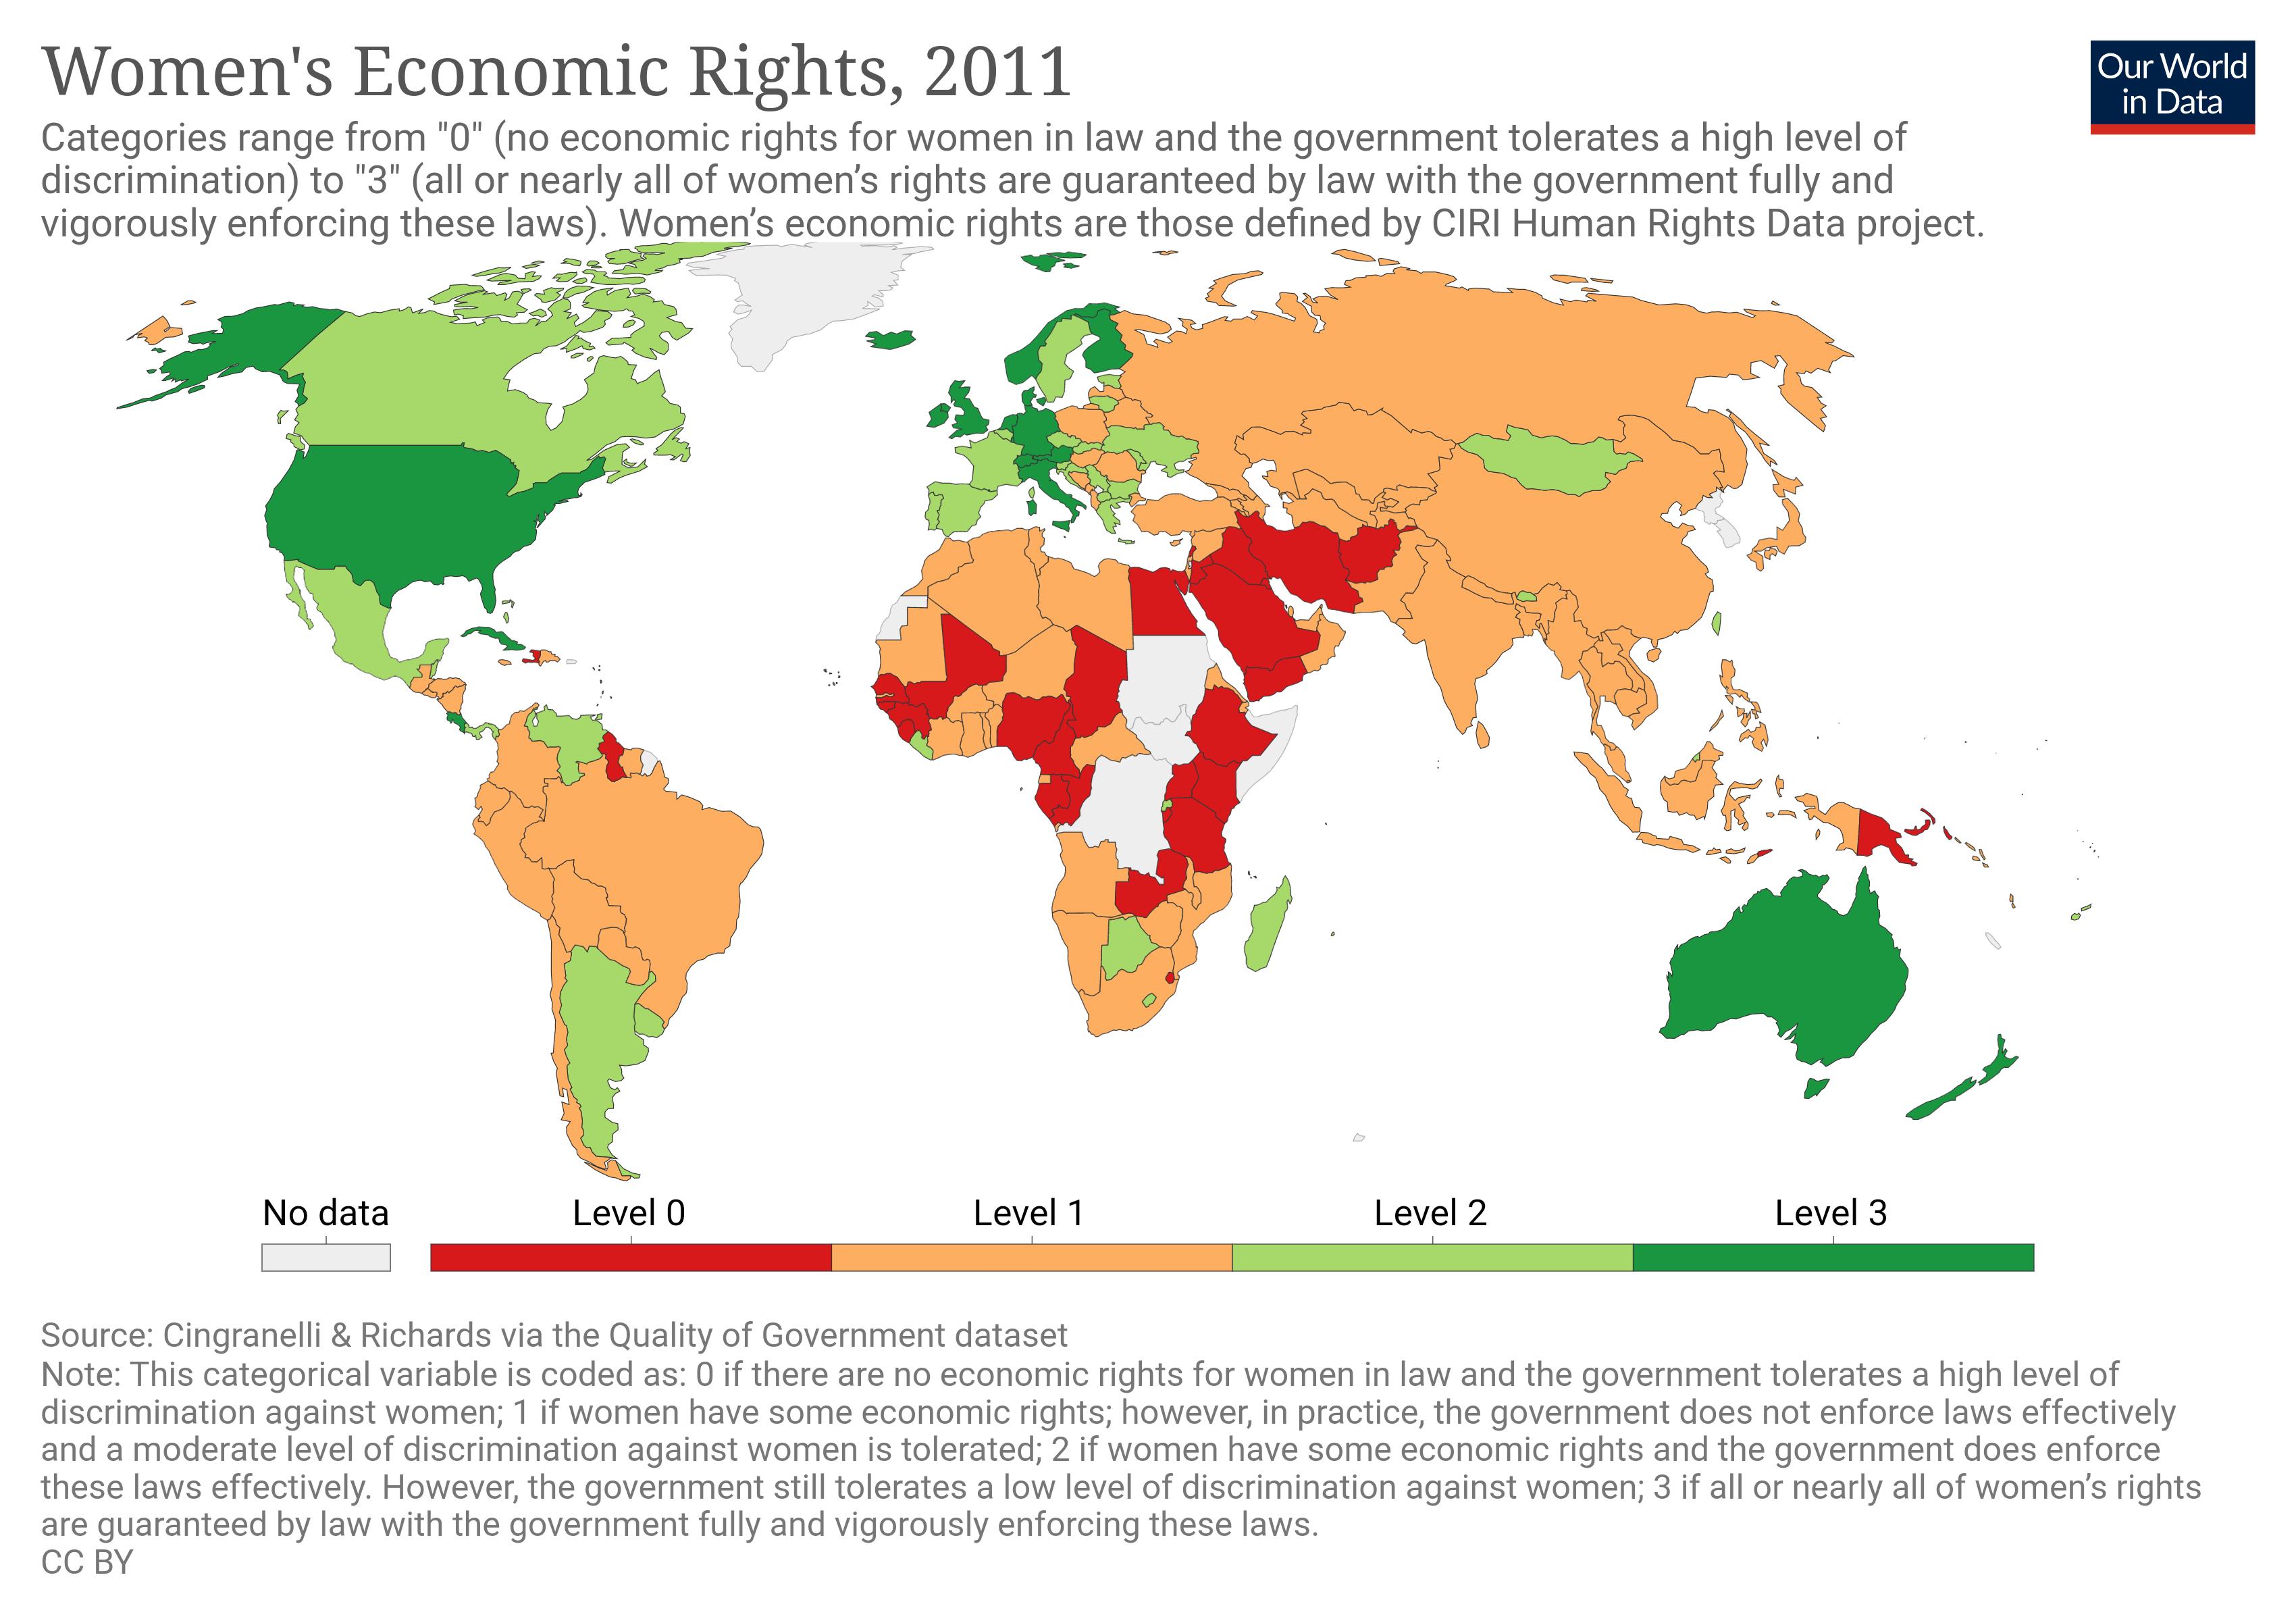 حقوق اقتصادی زنان